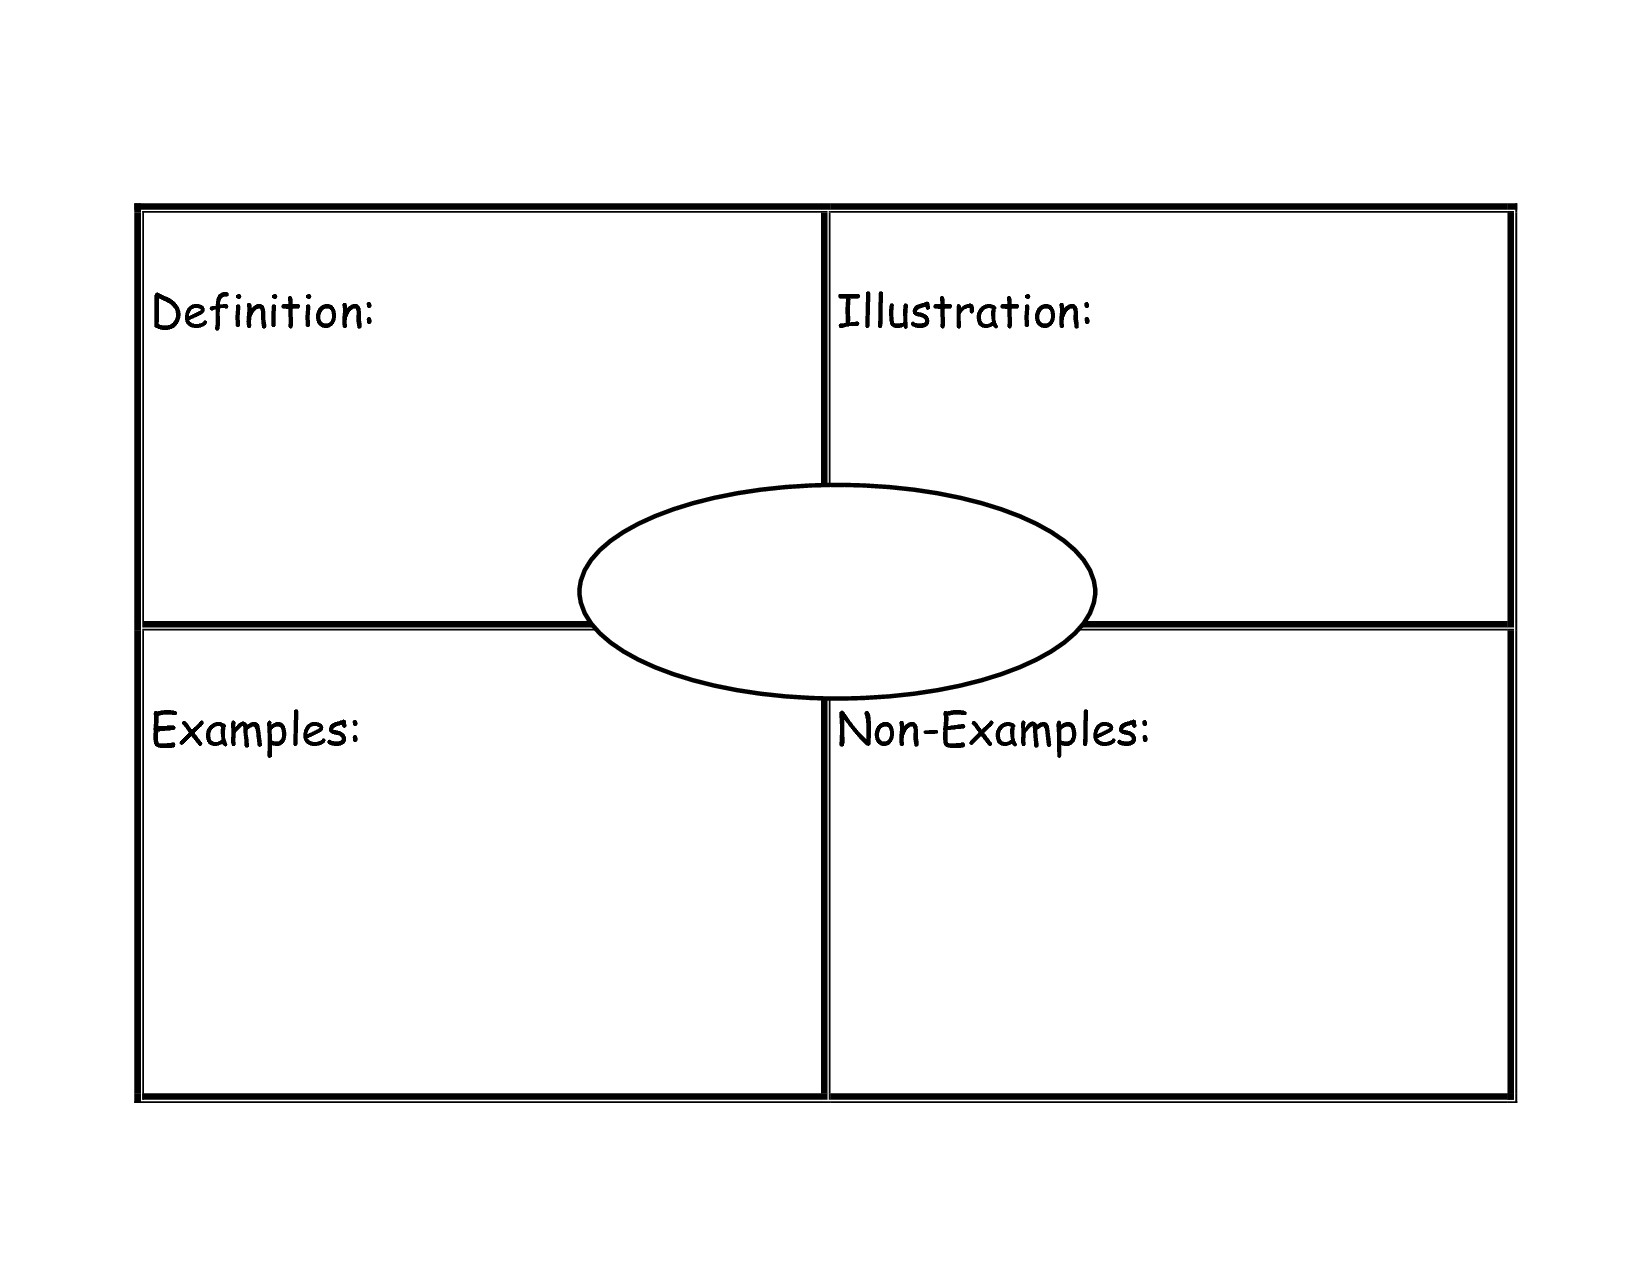 medium resolution of i pinimg com originals 83 53 b2 8353b28d7512362ae9 graphic model organizer frayer diagram